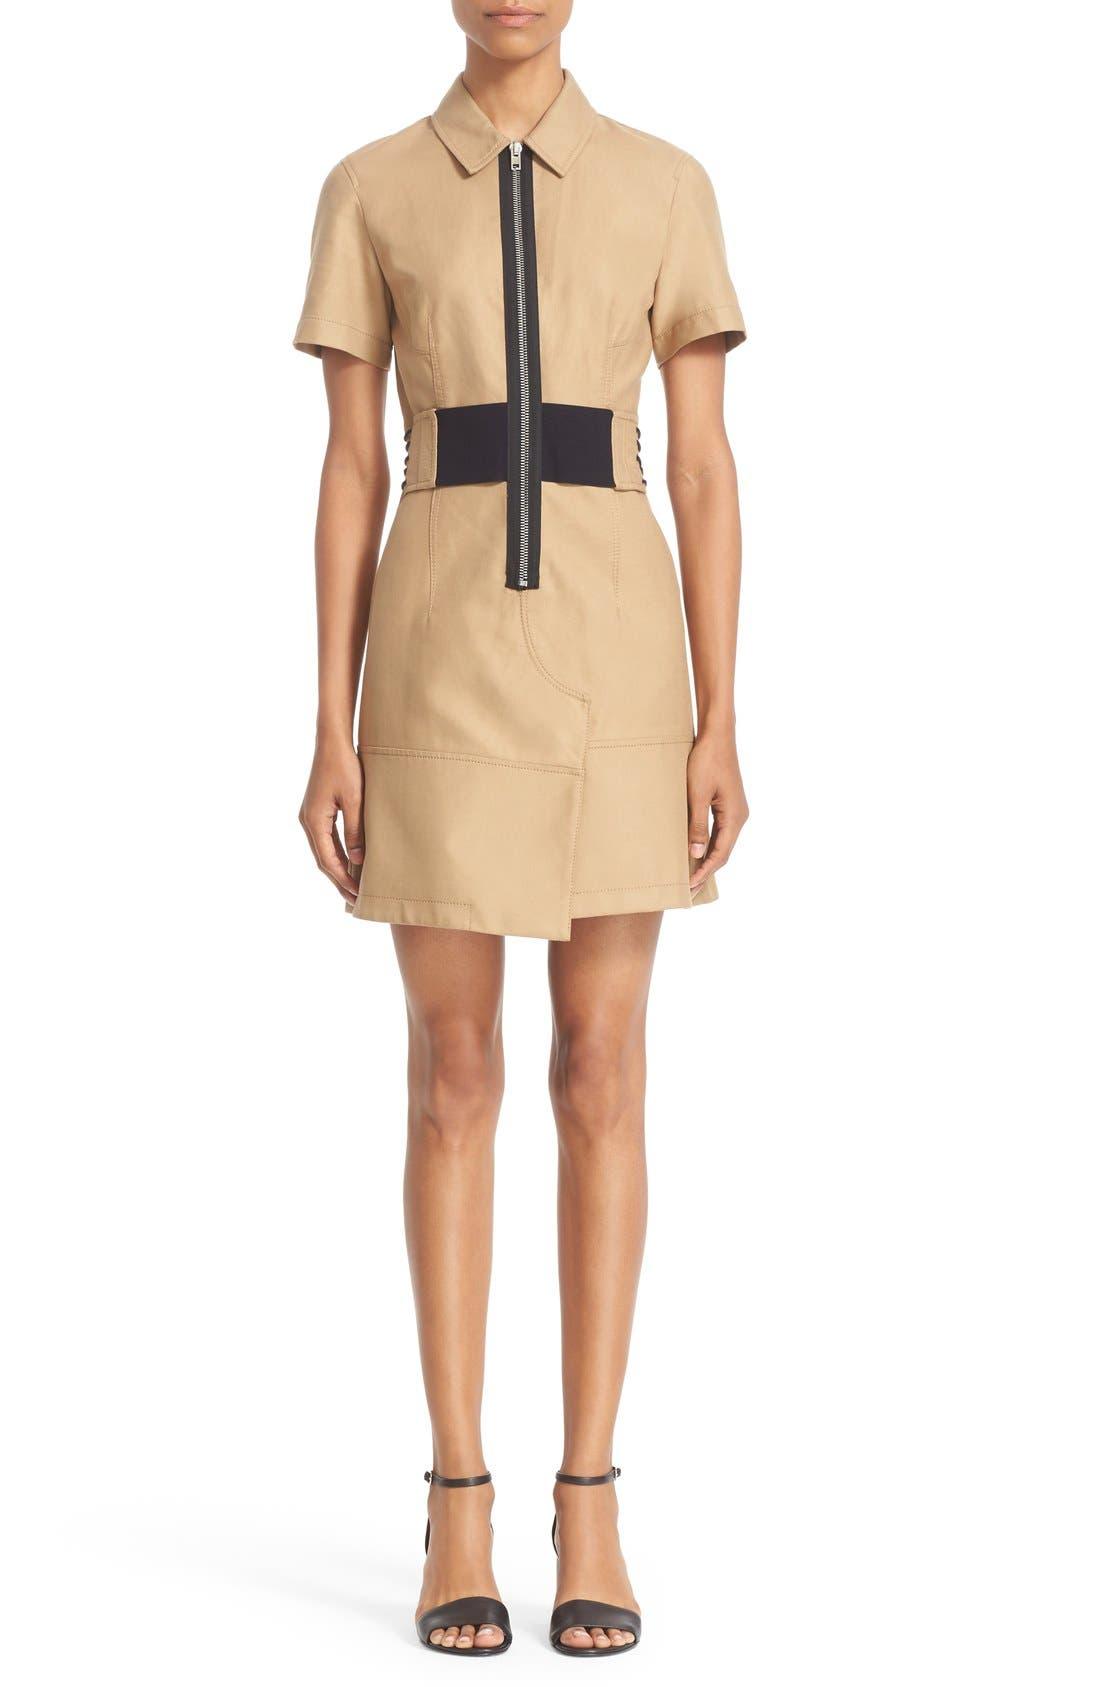 ALEXANDER WANG Cotton Safari Dress